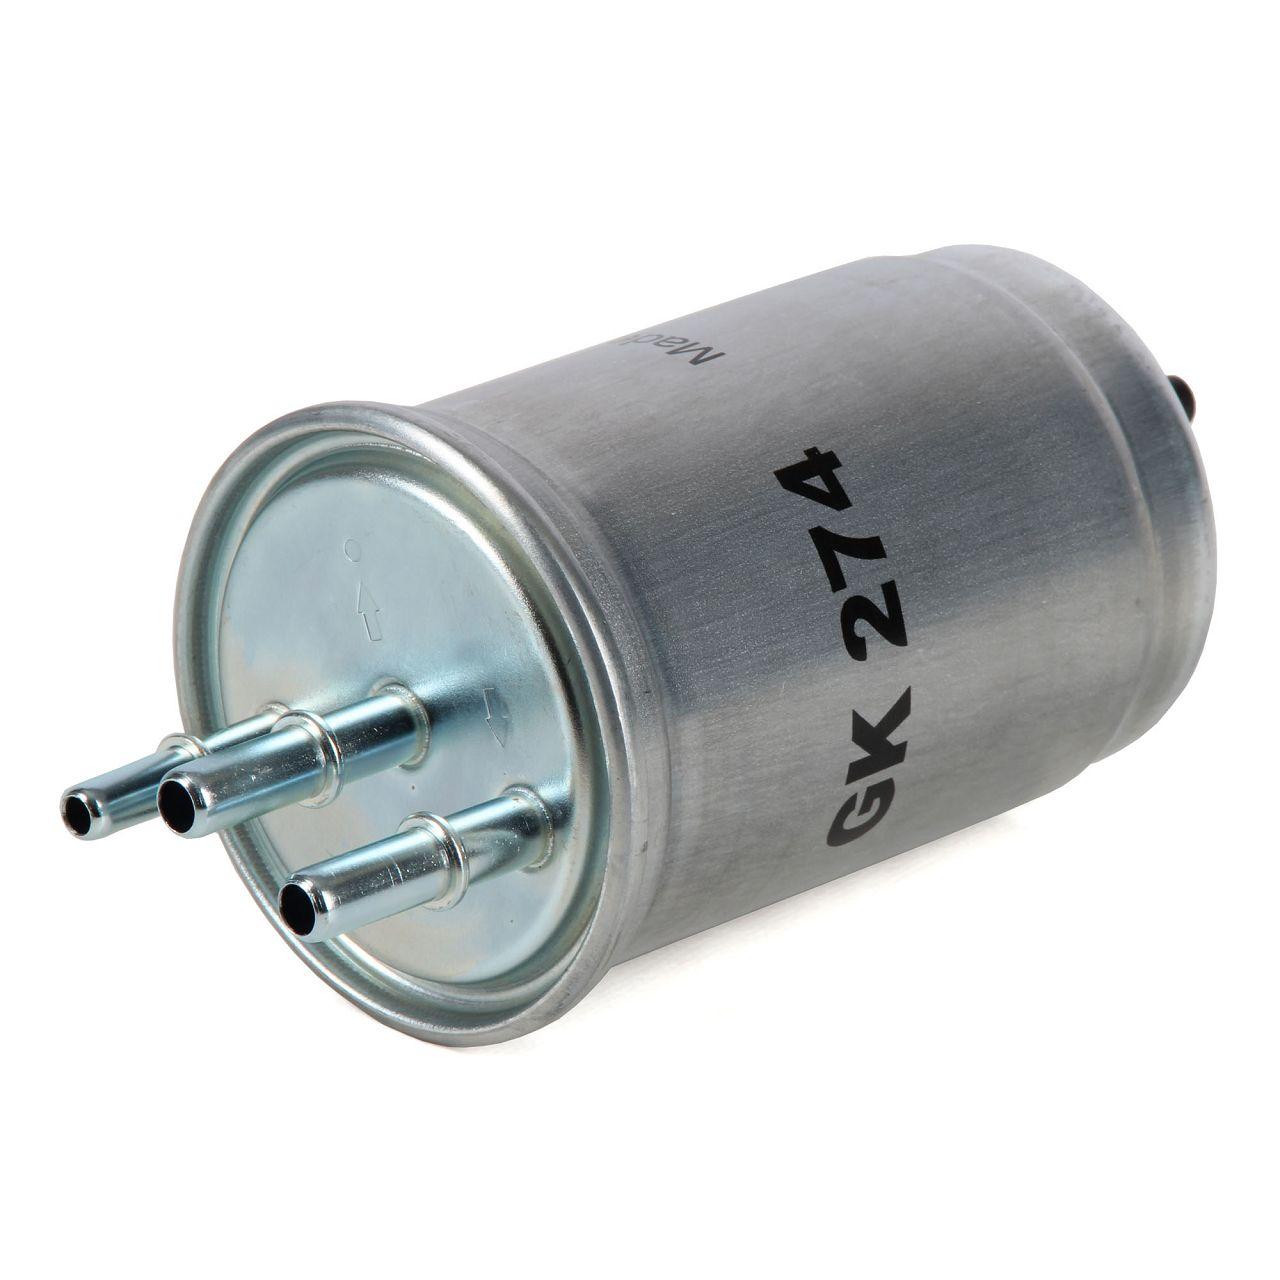 FILTRON Kraftstofffilter Dieselfilter für FORD MK1 FOCUS MONDEO III MK3 1.8 TDCi